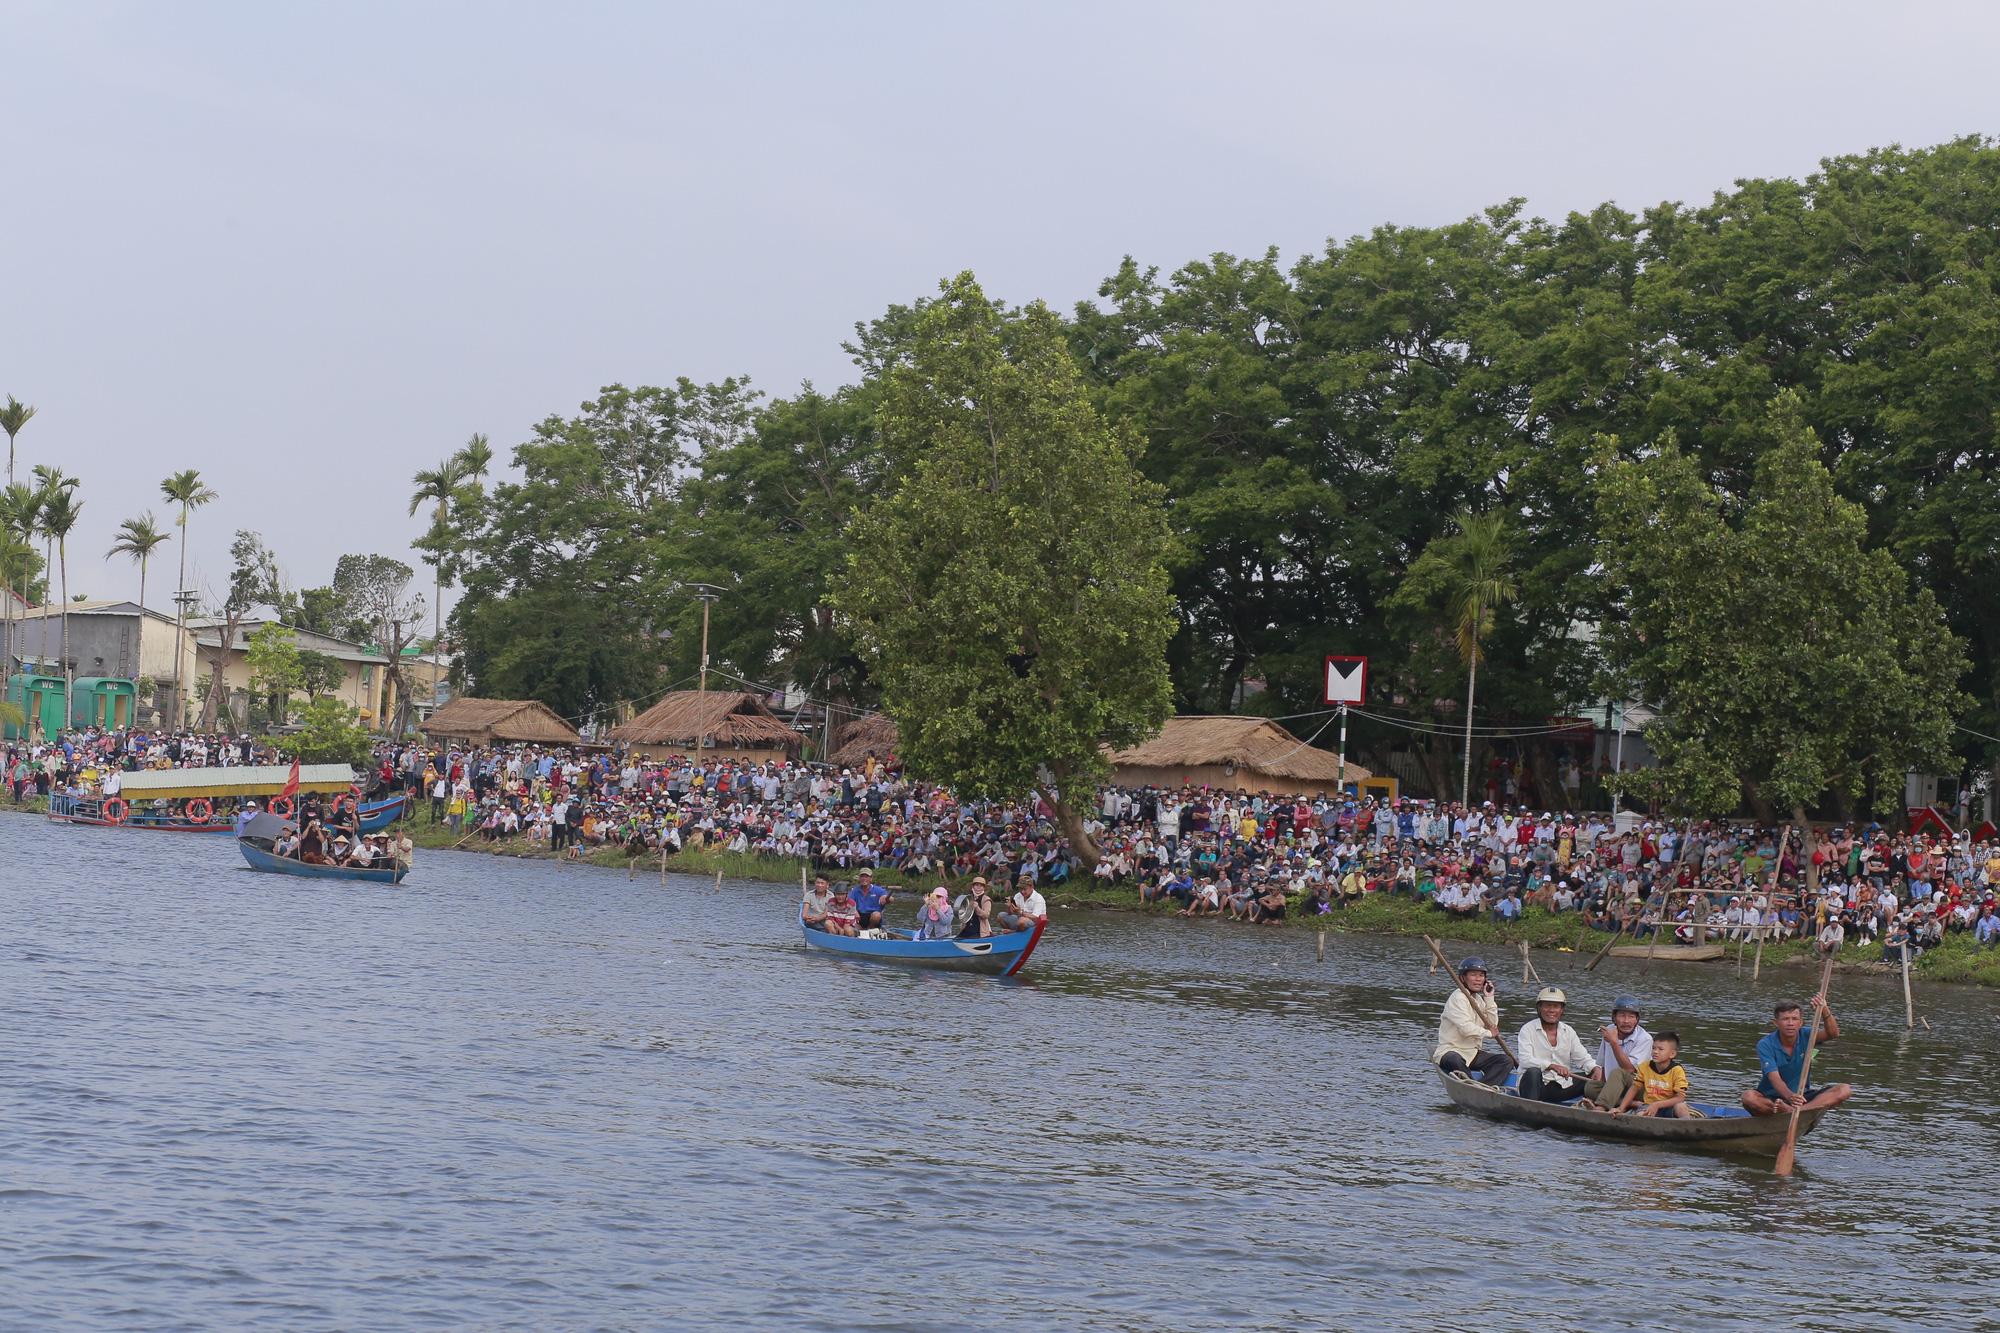 Quảng Nam: Trèo cây, leo nóc nhà để xem đua thuyền ở Tam Kỳ - Ảnh 2.